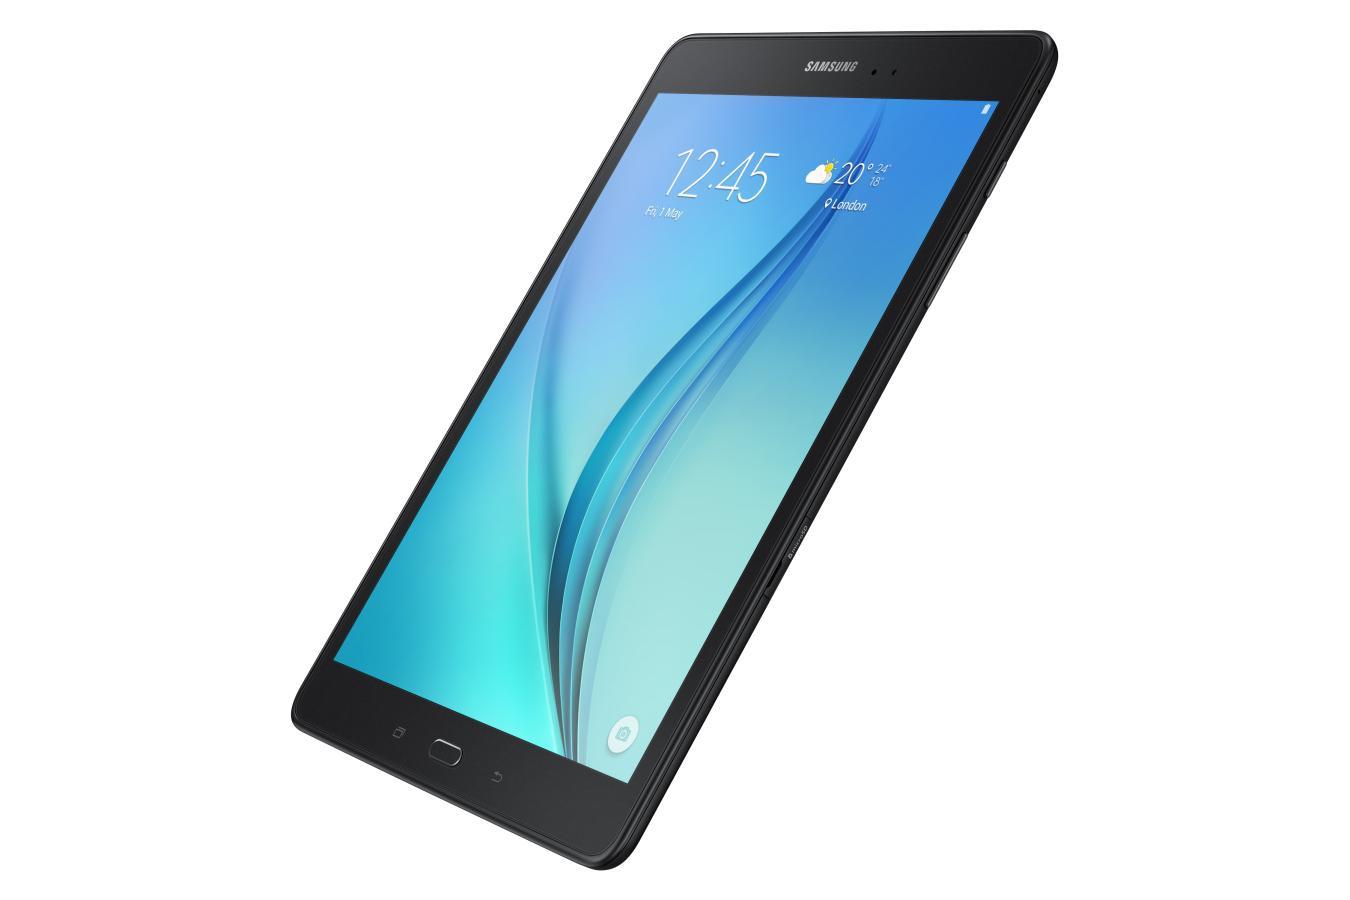 Tablet Samsung Galaxy Tab A 9.7 SM-T550 16GB wifi Black